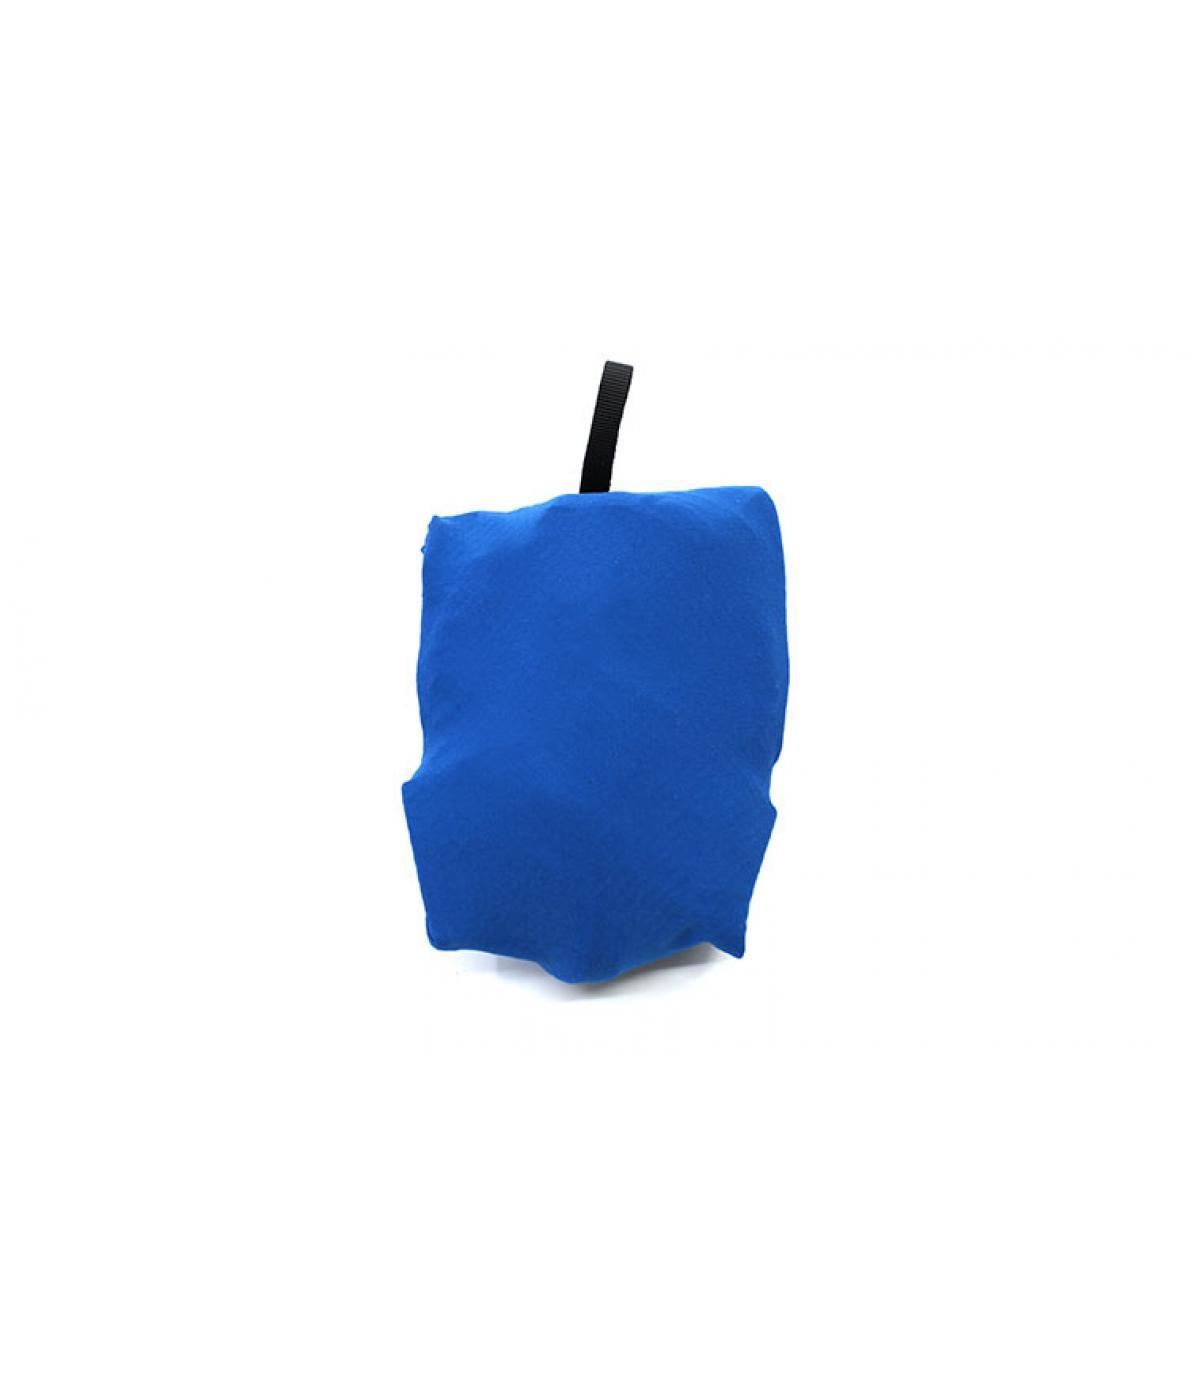 Dettagli Airdini Cap big sur blue - image 5